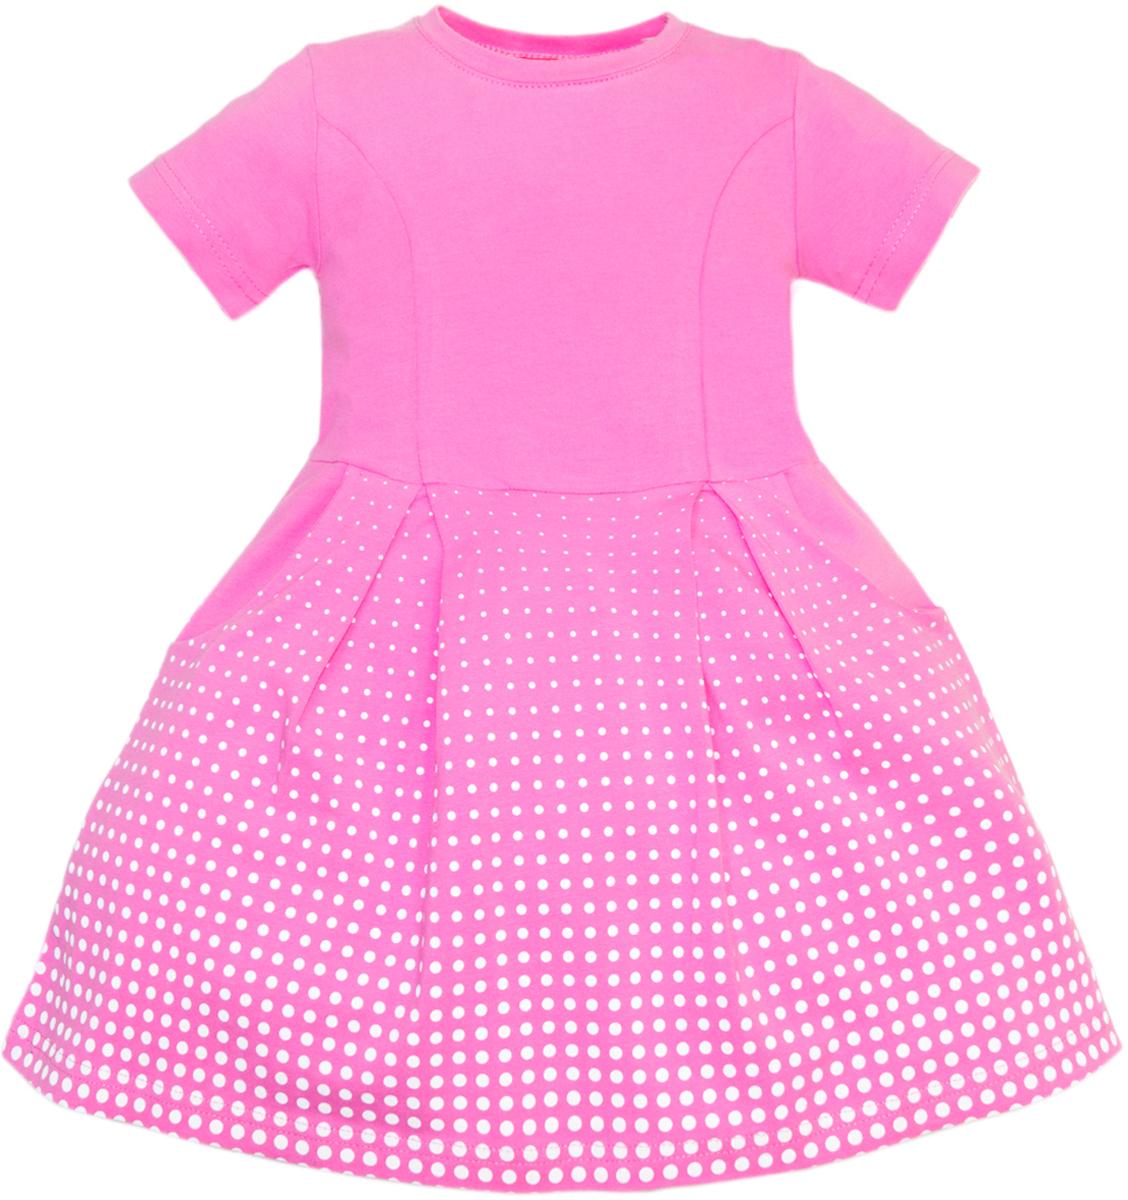 Платье для девочки Lets Go, цвет: розовый. 8126. Размер 928126Платье для девочки Lets Go выполнено из эластичного хлопка. Модель с круглым вырезом горловины и короткими рукавами. По бокам изделие дополнено карманами.